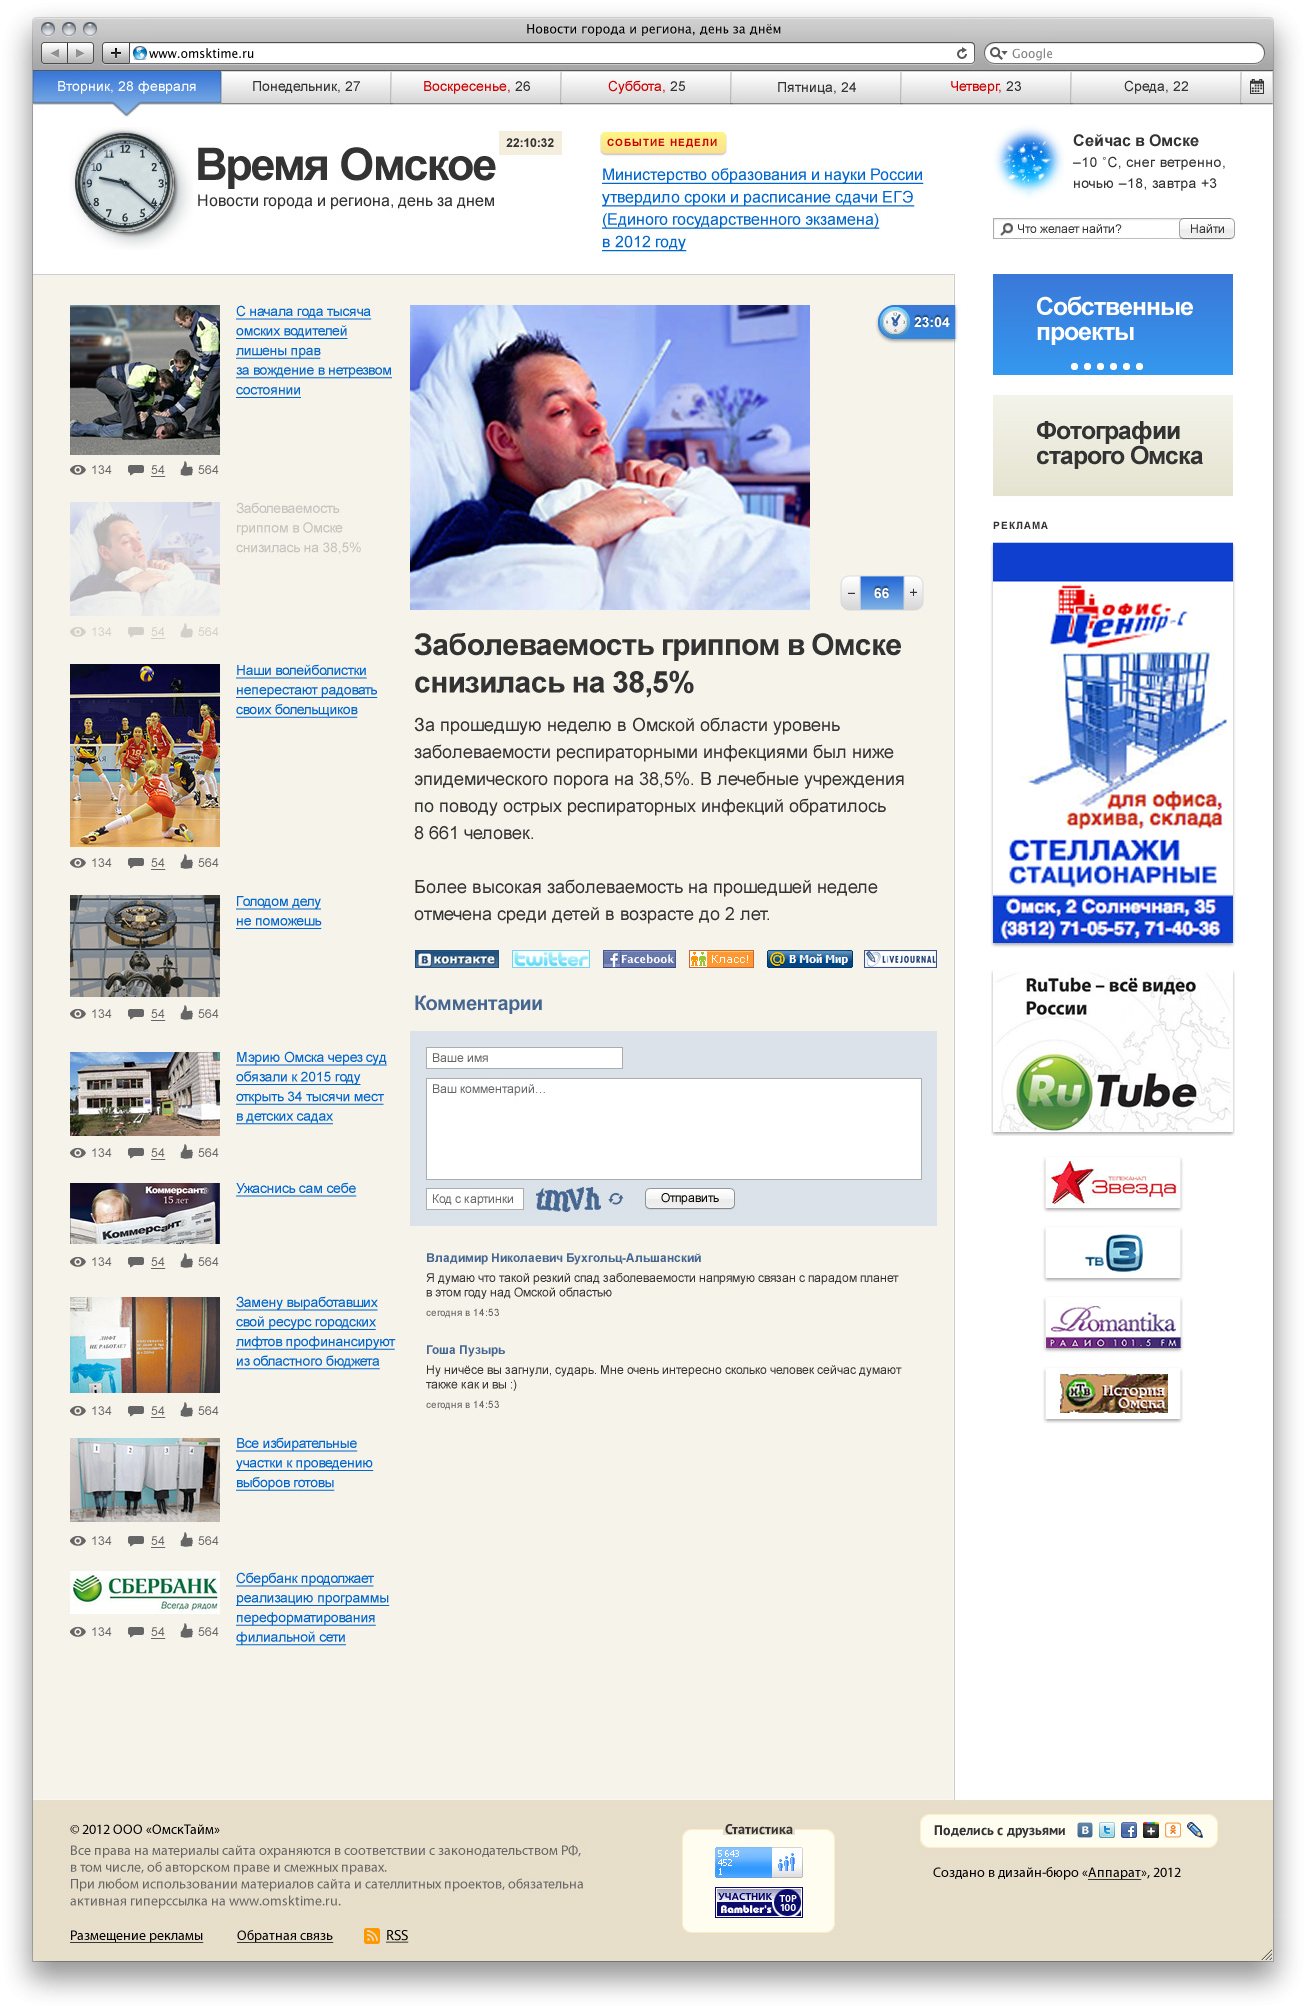 Руководство медицинского центра управления делами правительства москвы